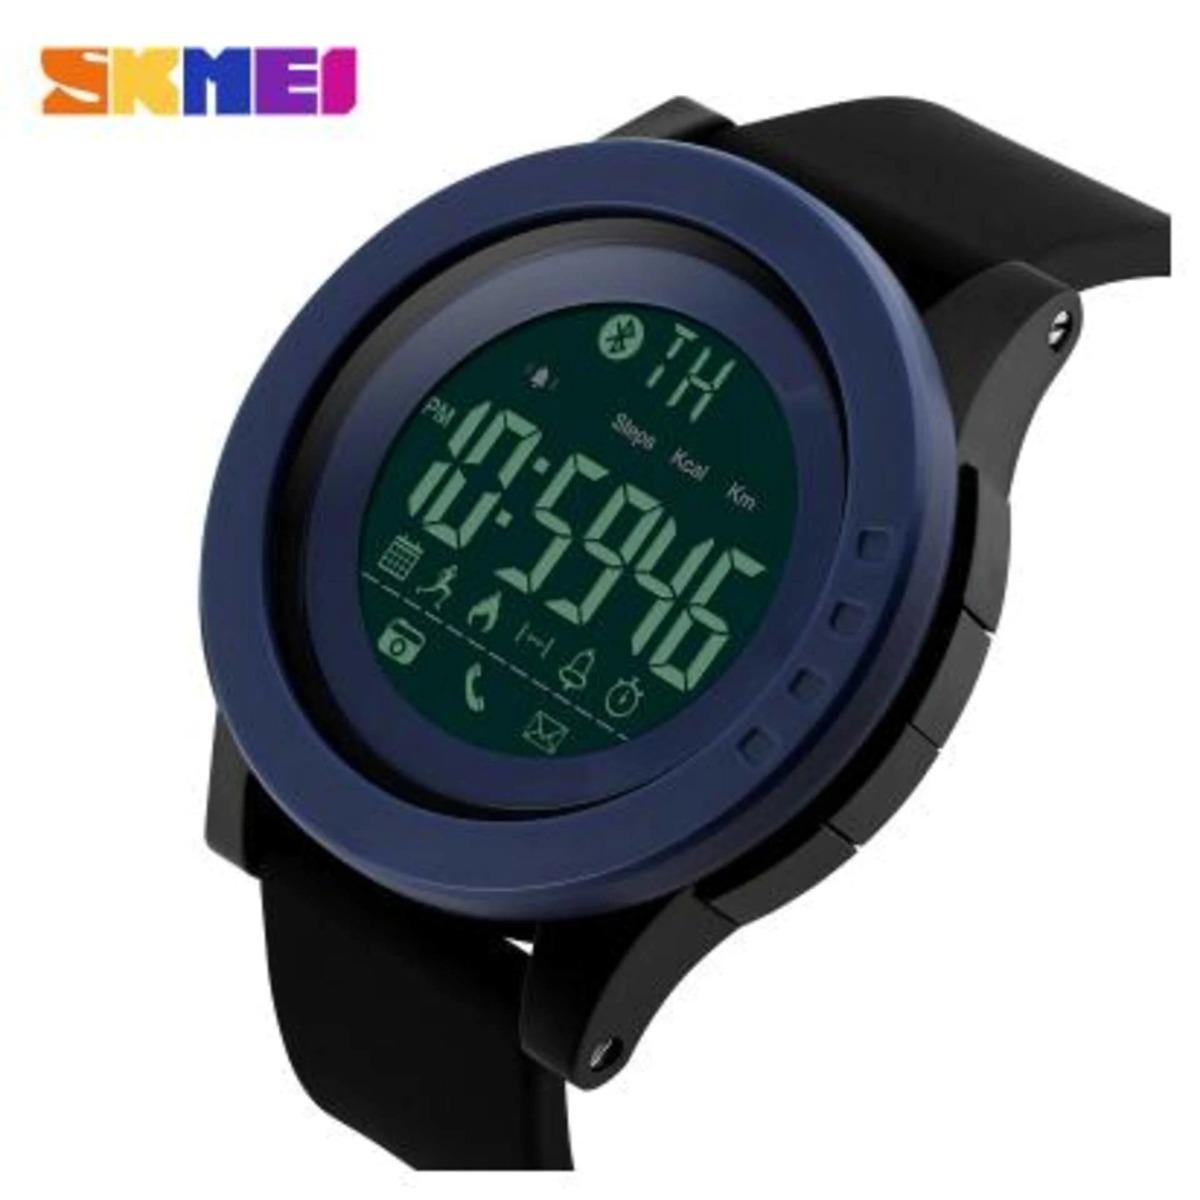 922a67ed6ab relogio skmei 1255 smartwatch bluetooth pedometro. Carregando zoom.